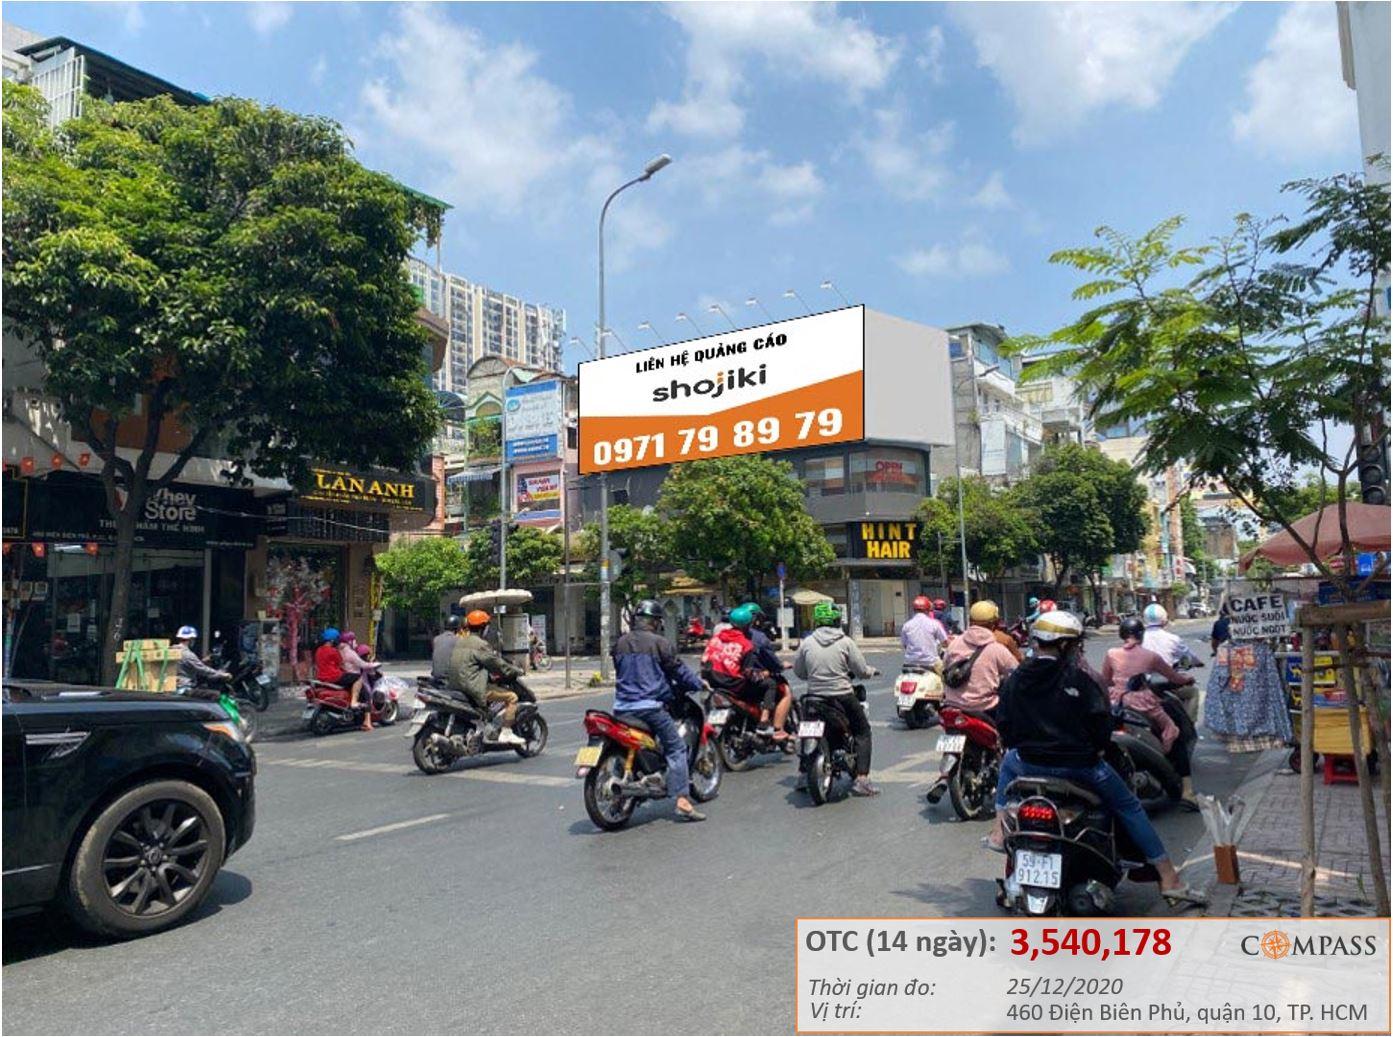 bảng quảng cáo ngã tư Cao Thắng